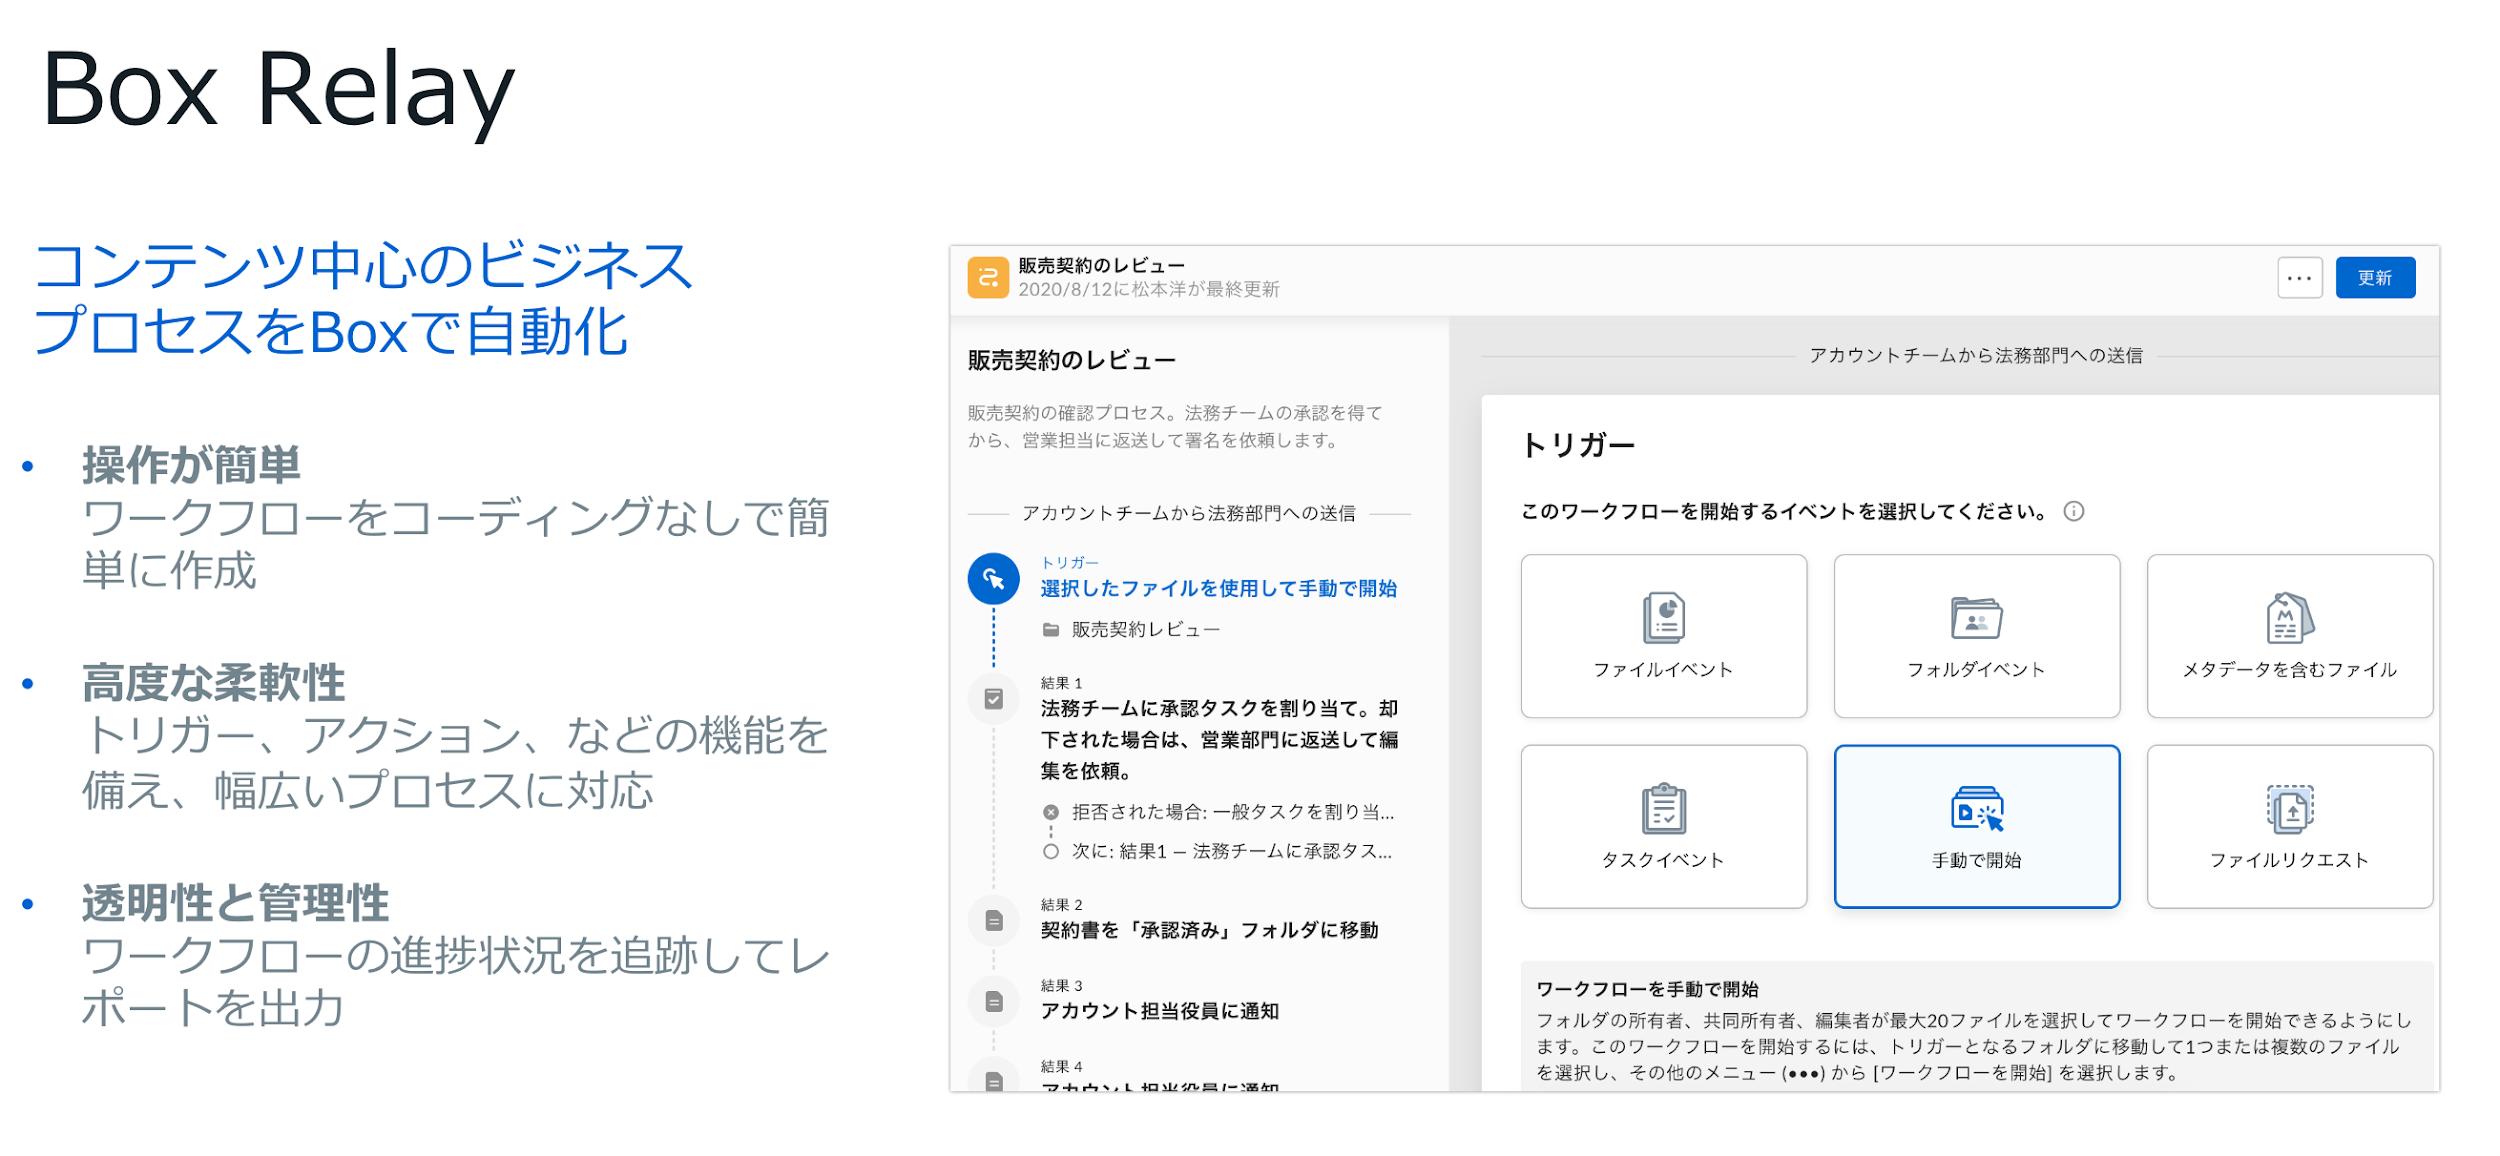 BJCC第12回Meetup開催レポート: 「ファイル保管庫」として使うだけではもったいない——レビューもワークフローもこなせる「Box」の潜在能力を解放せよ 07